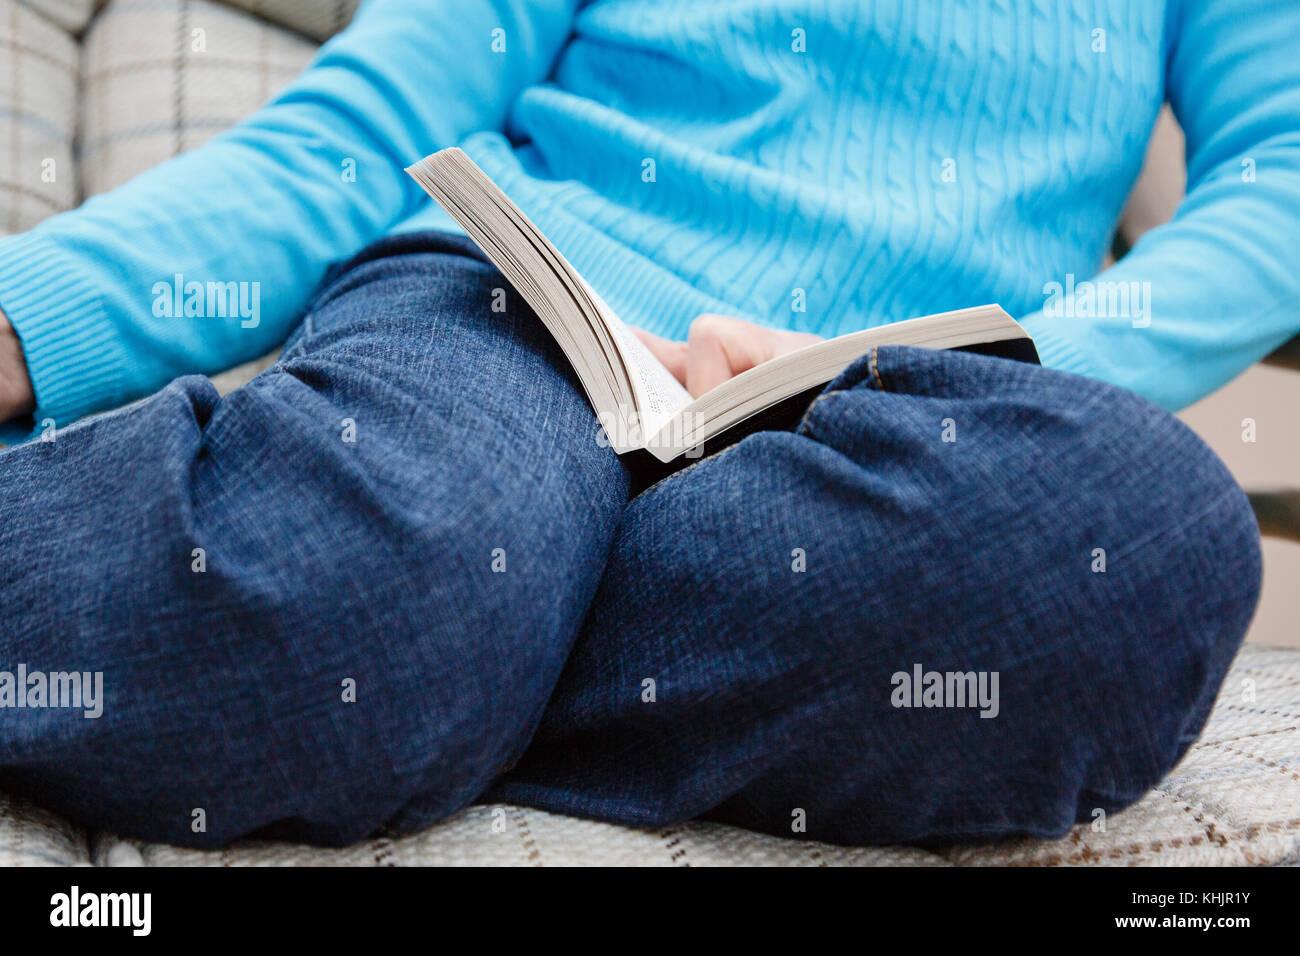 Eine ältere Frau Rentner trägt blaue Jeans sitzt auf einem Stuhl Lesung mit einem Buch auf den Knien in Stockbild